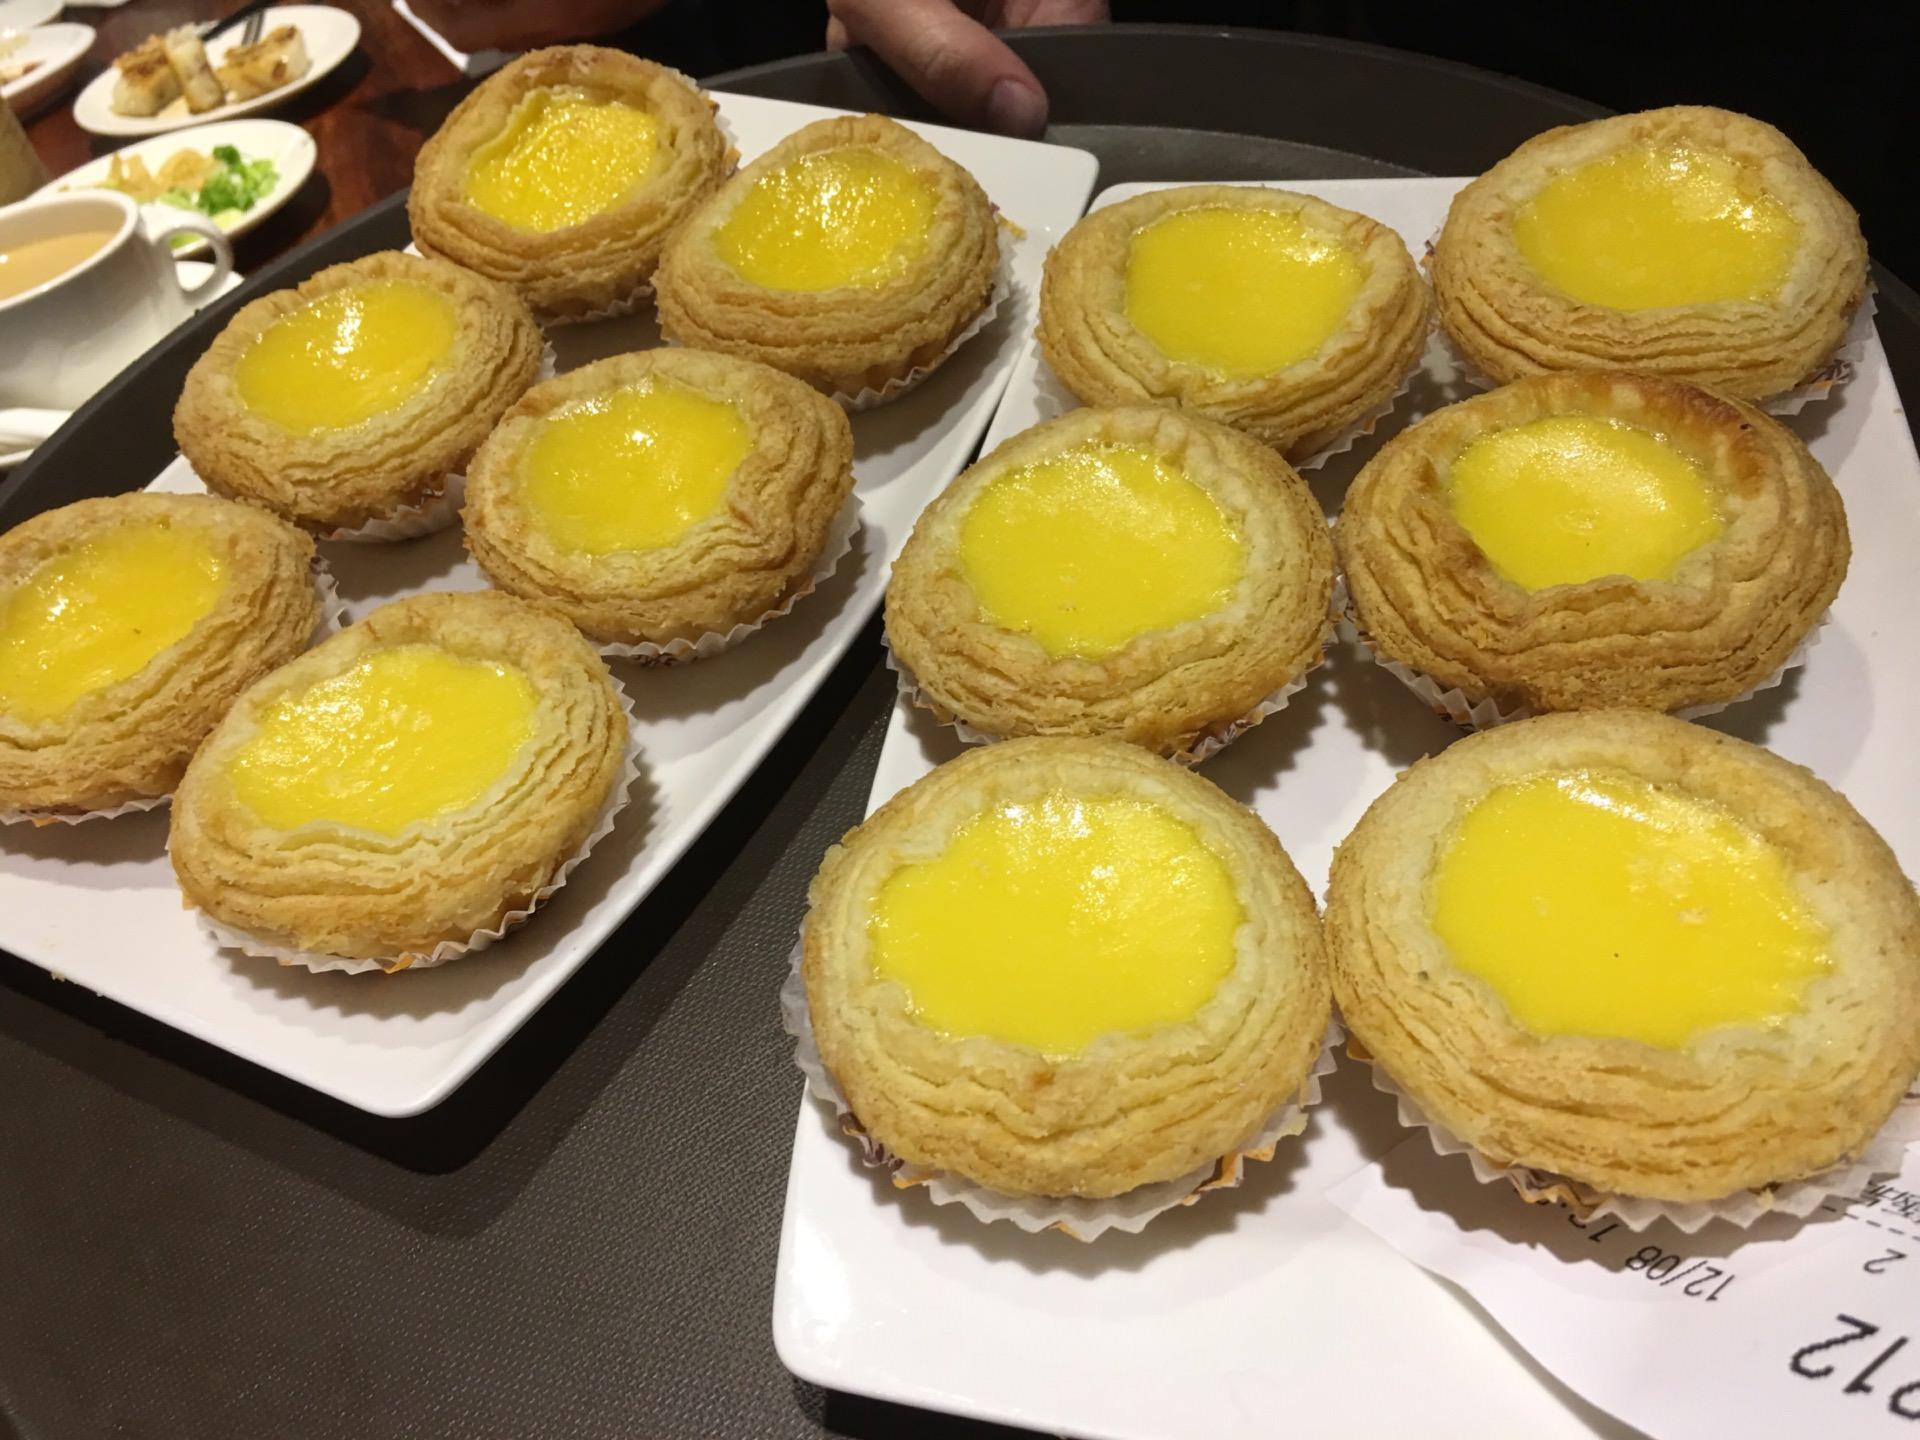 檀島香港茶餐廳 (Honolulu cafe)台北信義區嚐鮮